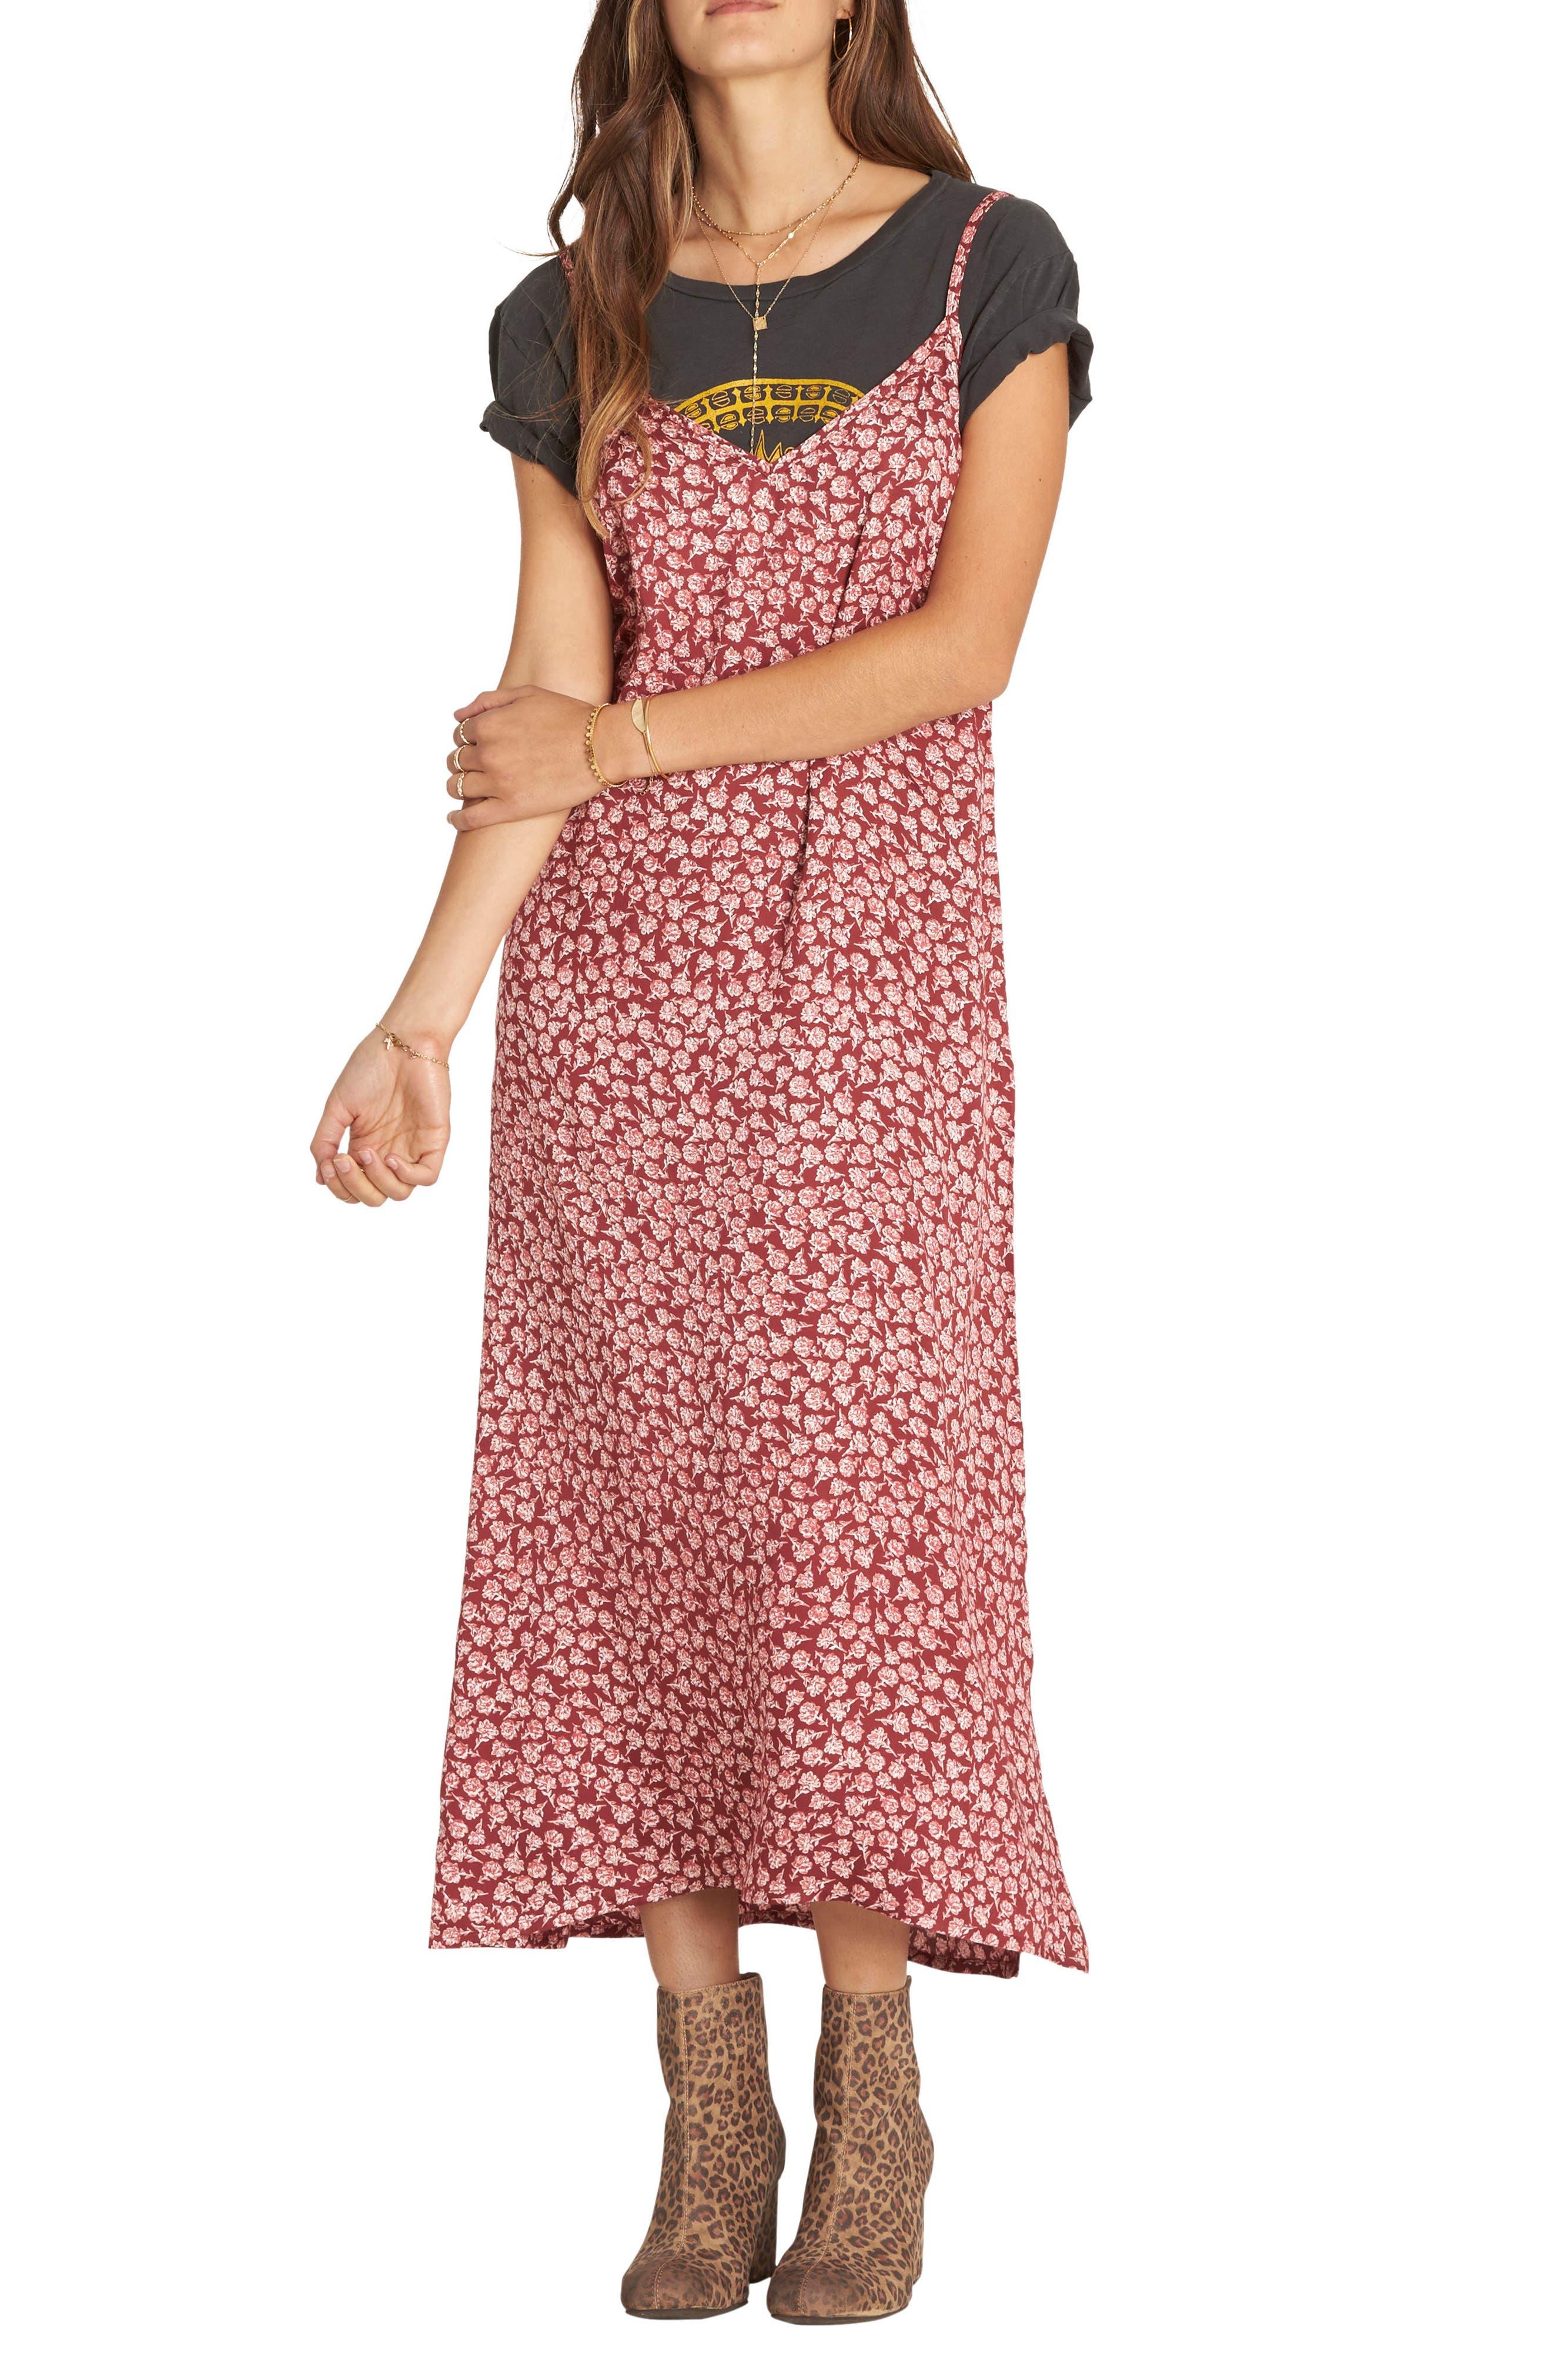 Billabong Dreamy Garden Print Dress